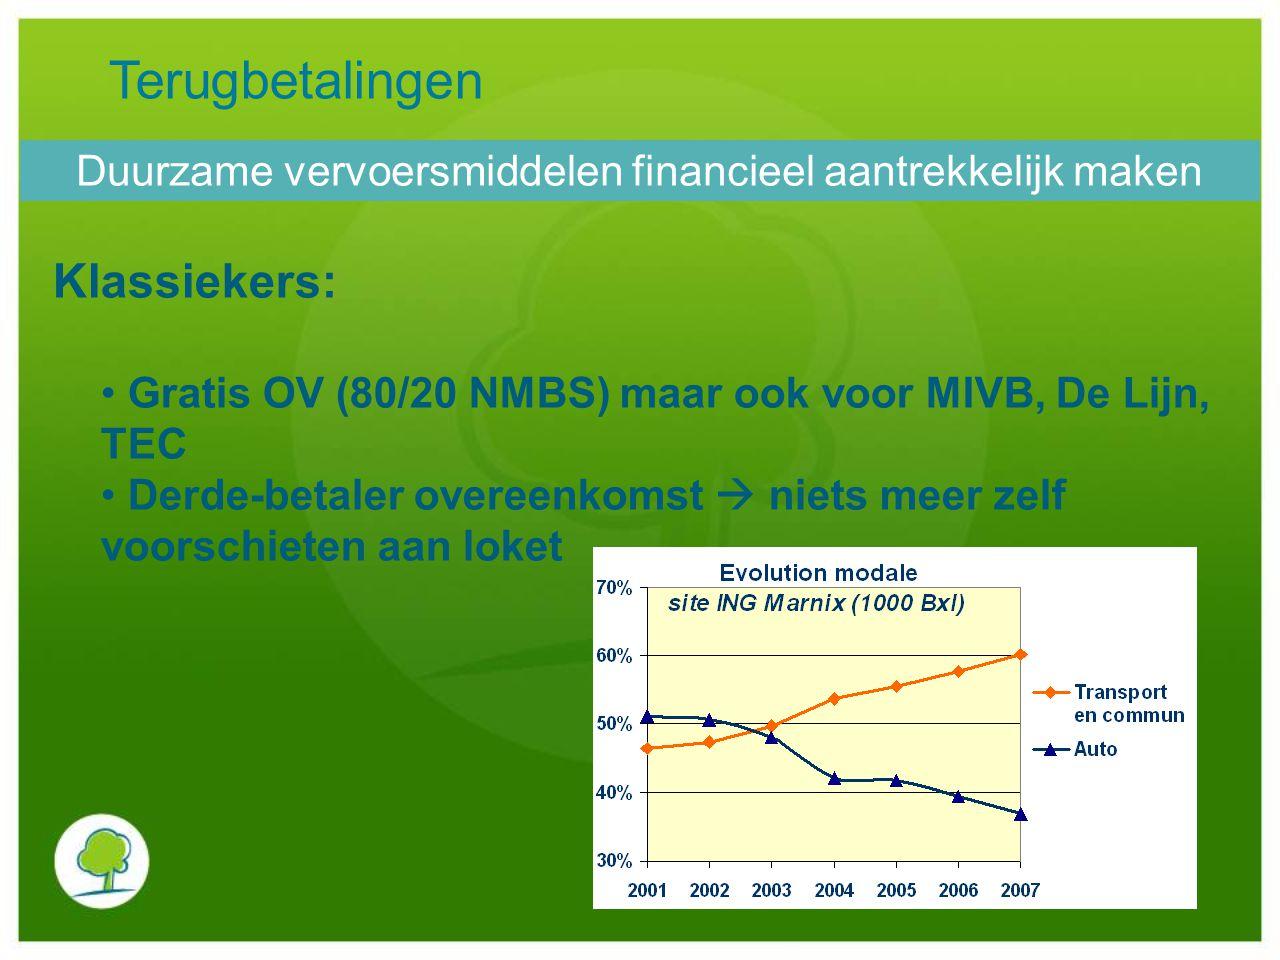 Terugbetalingen Klassiekers: Gratis OV (80/20 NMBS) maar ook voor MIVB, De Lijn, TEC Derde-betaler overeenkomst  niets meer zelf voorschieten aan lok